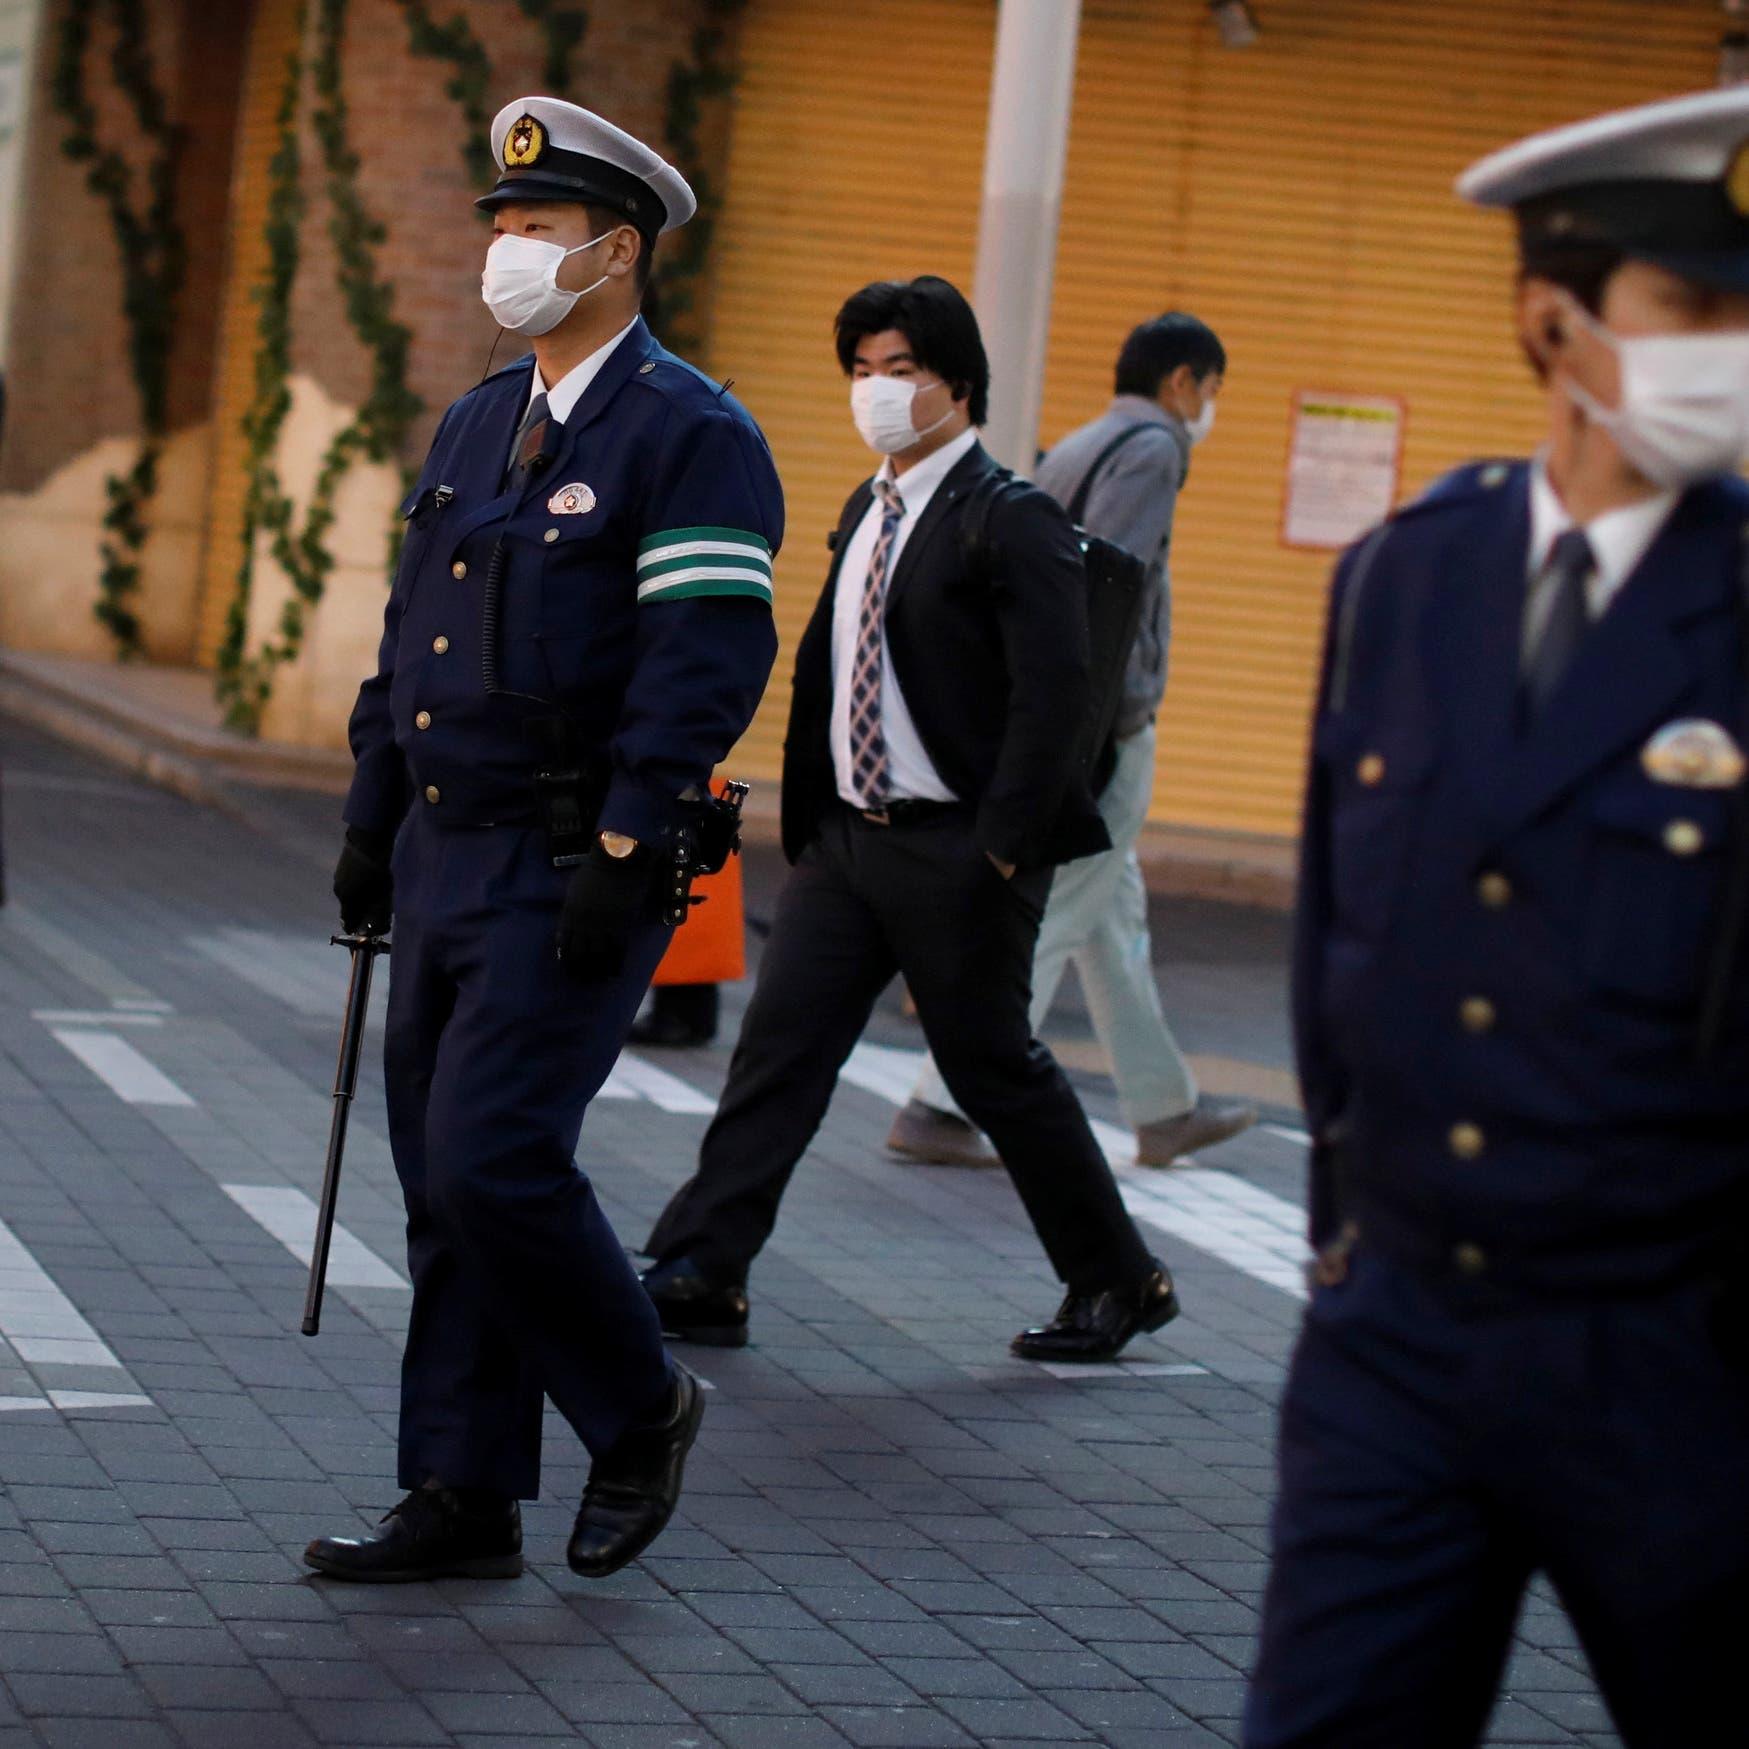 دعوة للتحرك.. صحة اليابان تتوقع وفاة 400 ألف شخص بكورونا